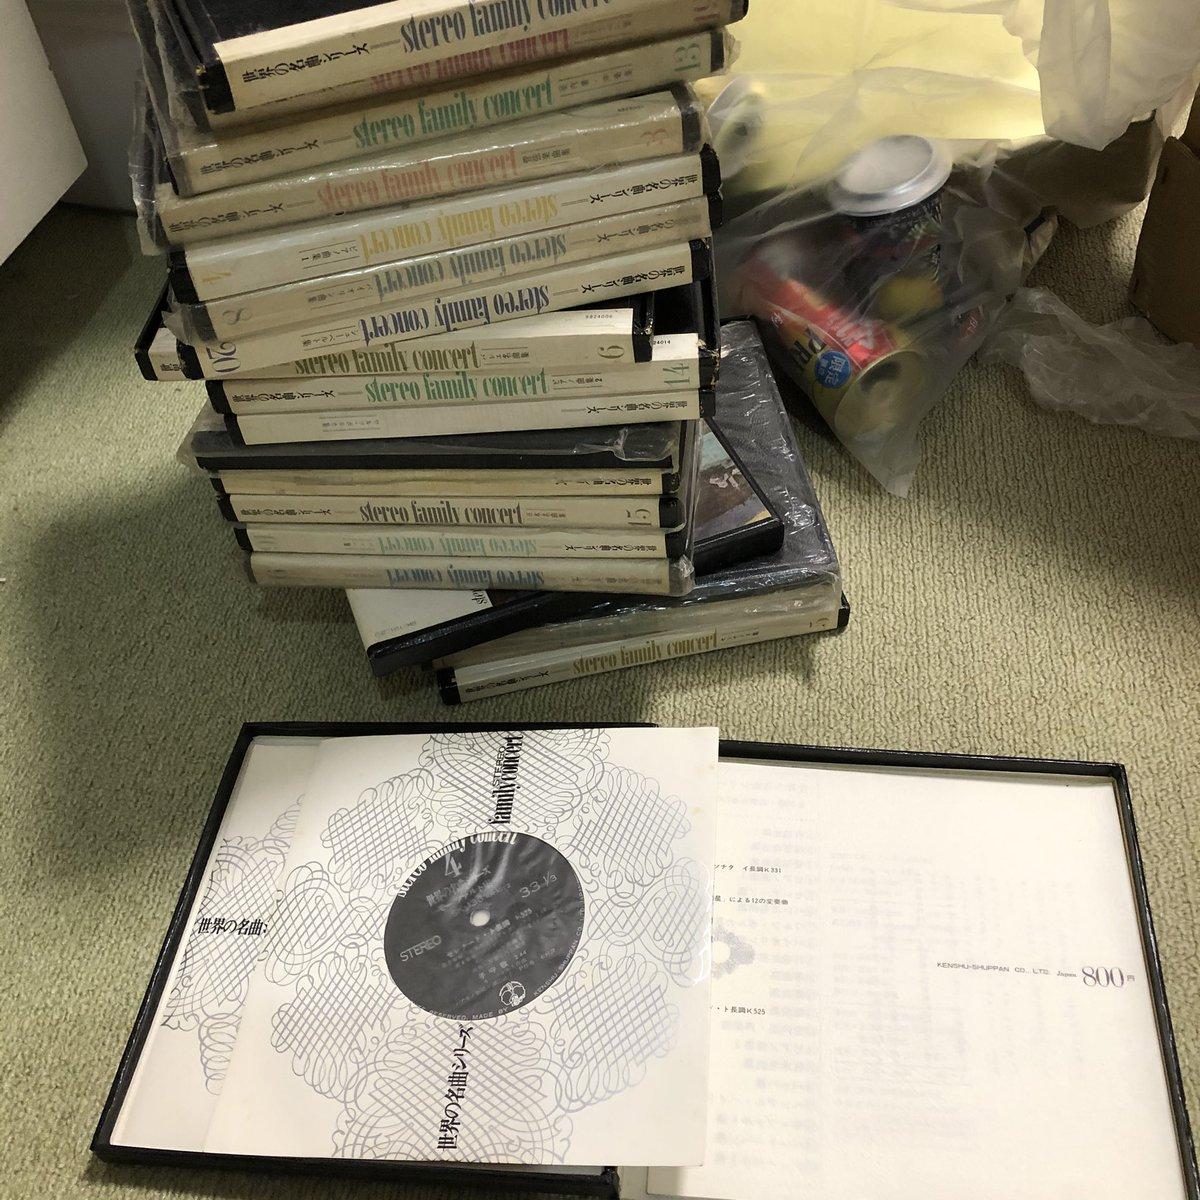 目下母の遺品整理中古いカビ臭いレコードがクローゼット段ボールにこれってレコード本体→その他プラ箱 紙 → 資源ゴミ外側ビニール→その他プラにゴミ分別と気づき一気にブルーに🥶